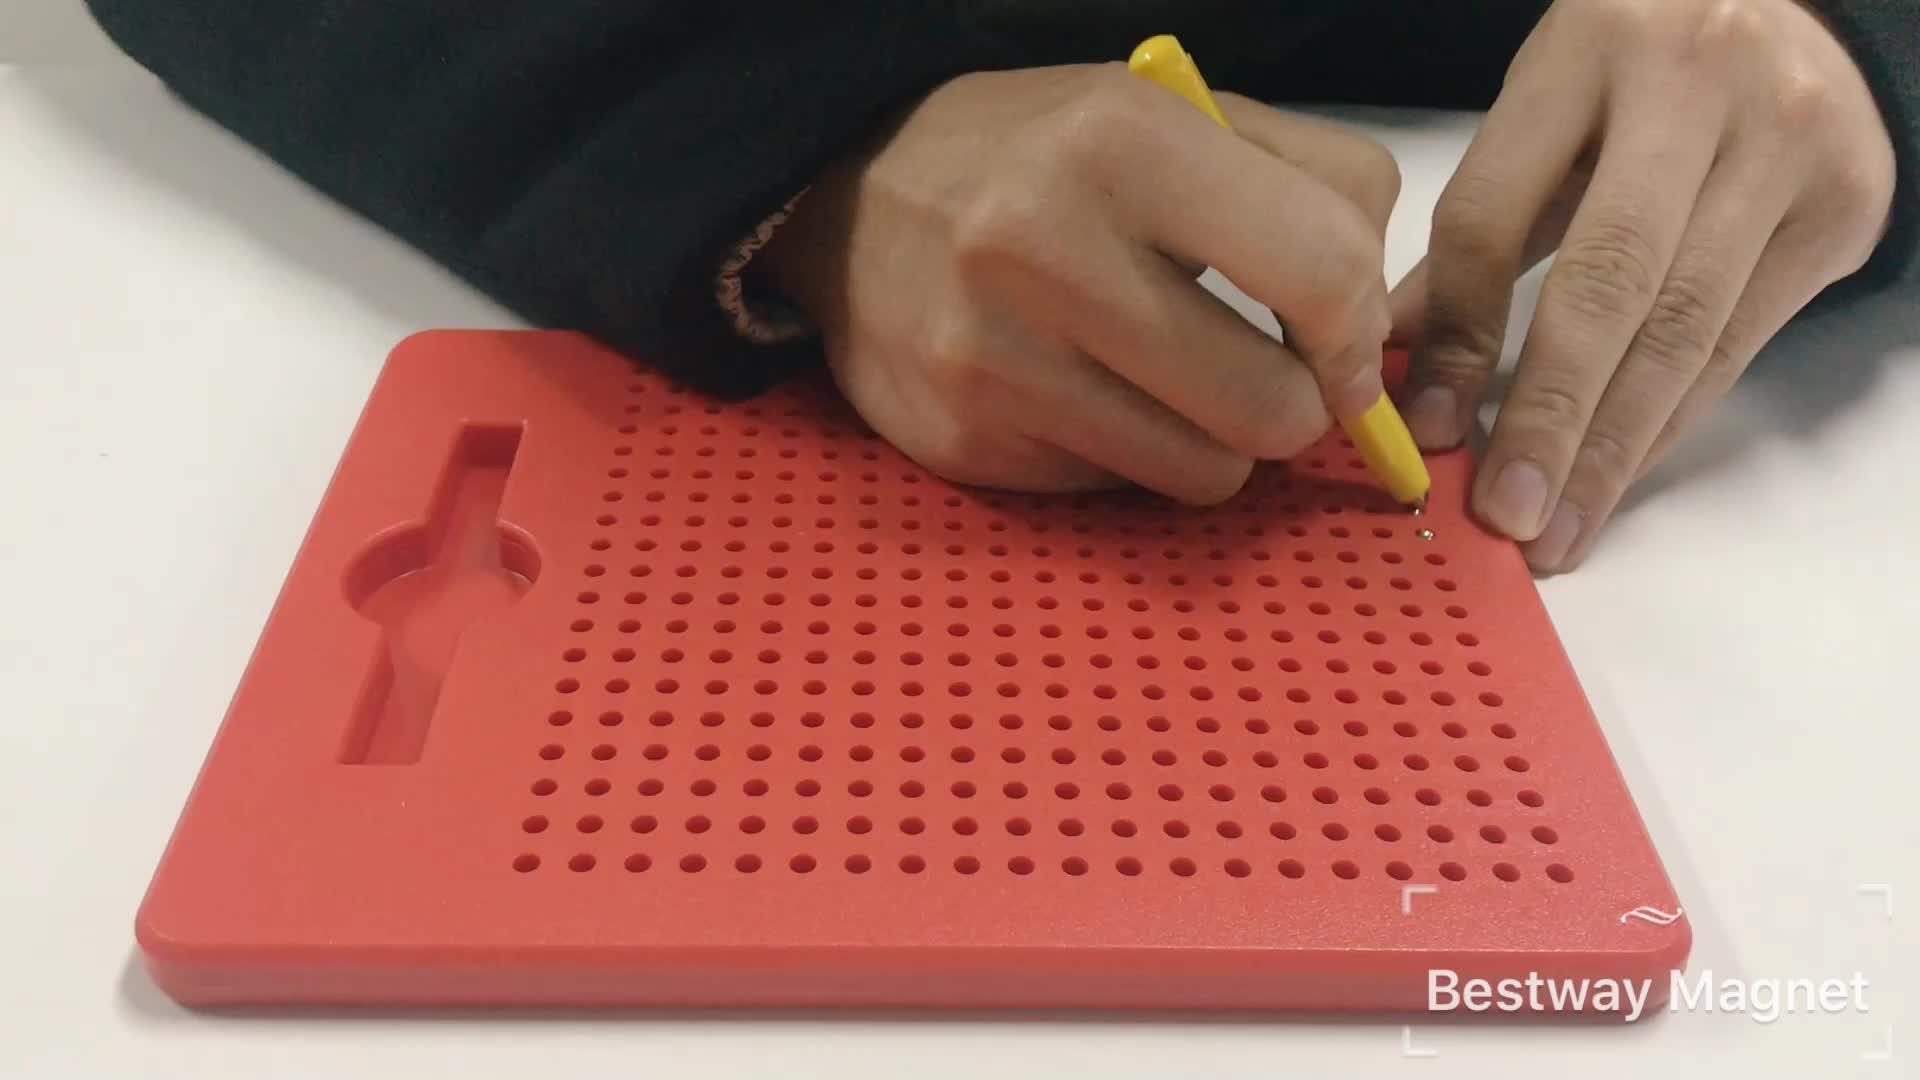 2019 नए खिलौने बच्चों पूर्वस्कूली शैक्षिक बच्चों के खिलौने के लिए चुंबक बोर्ड के लिए